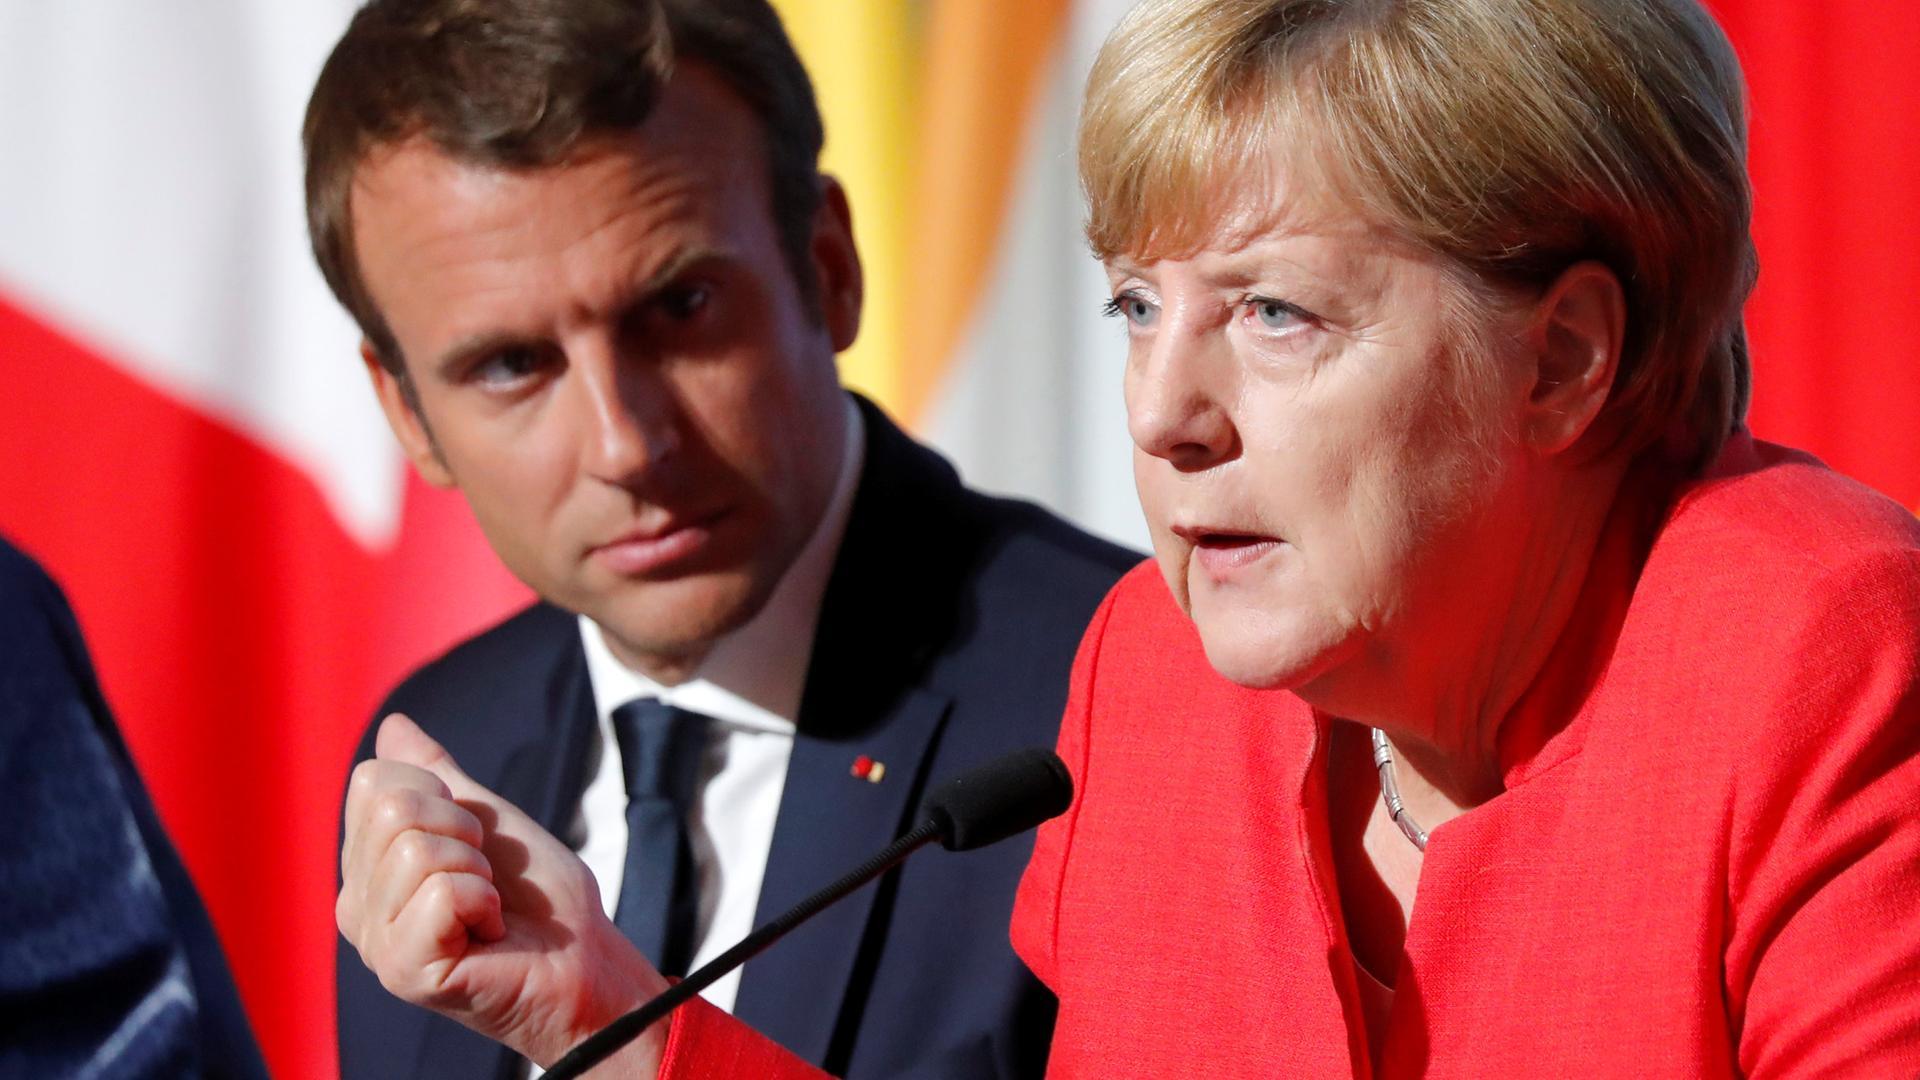 Deutschland nach der Wahl – neue Rolle in der Welt? - ZDFmediathek